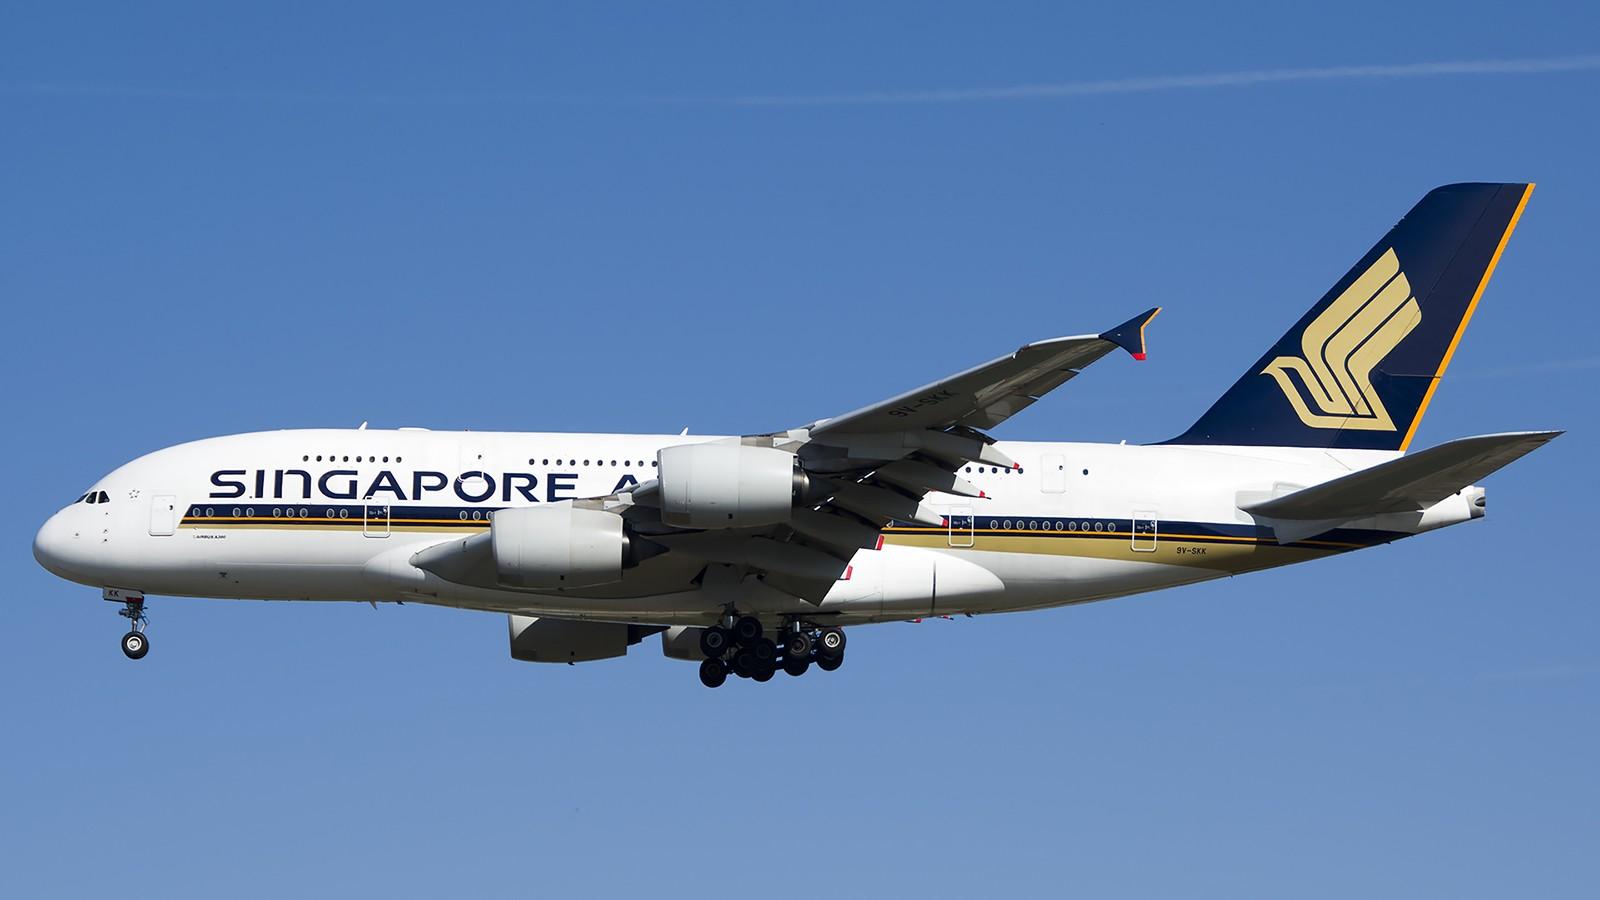 Re:[原创]难得赶上PEK周末好天气,各种常见机型都有收获 AIRBUS A380-800 9V-SKK 中国北京首都机场